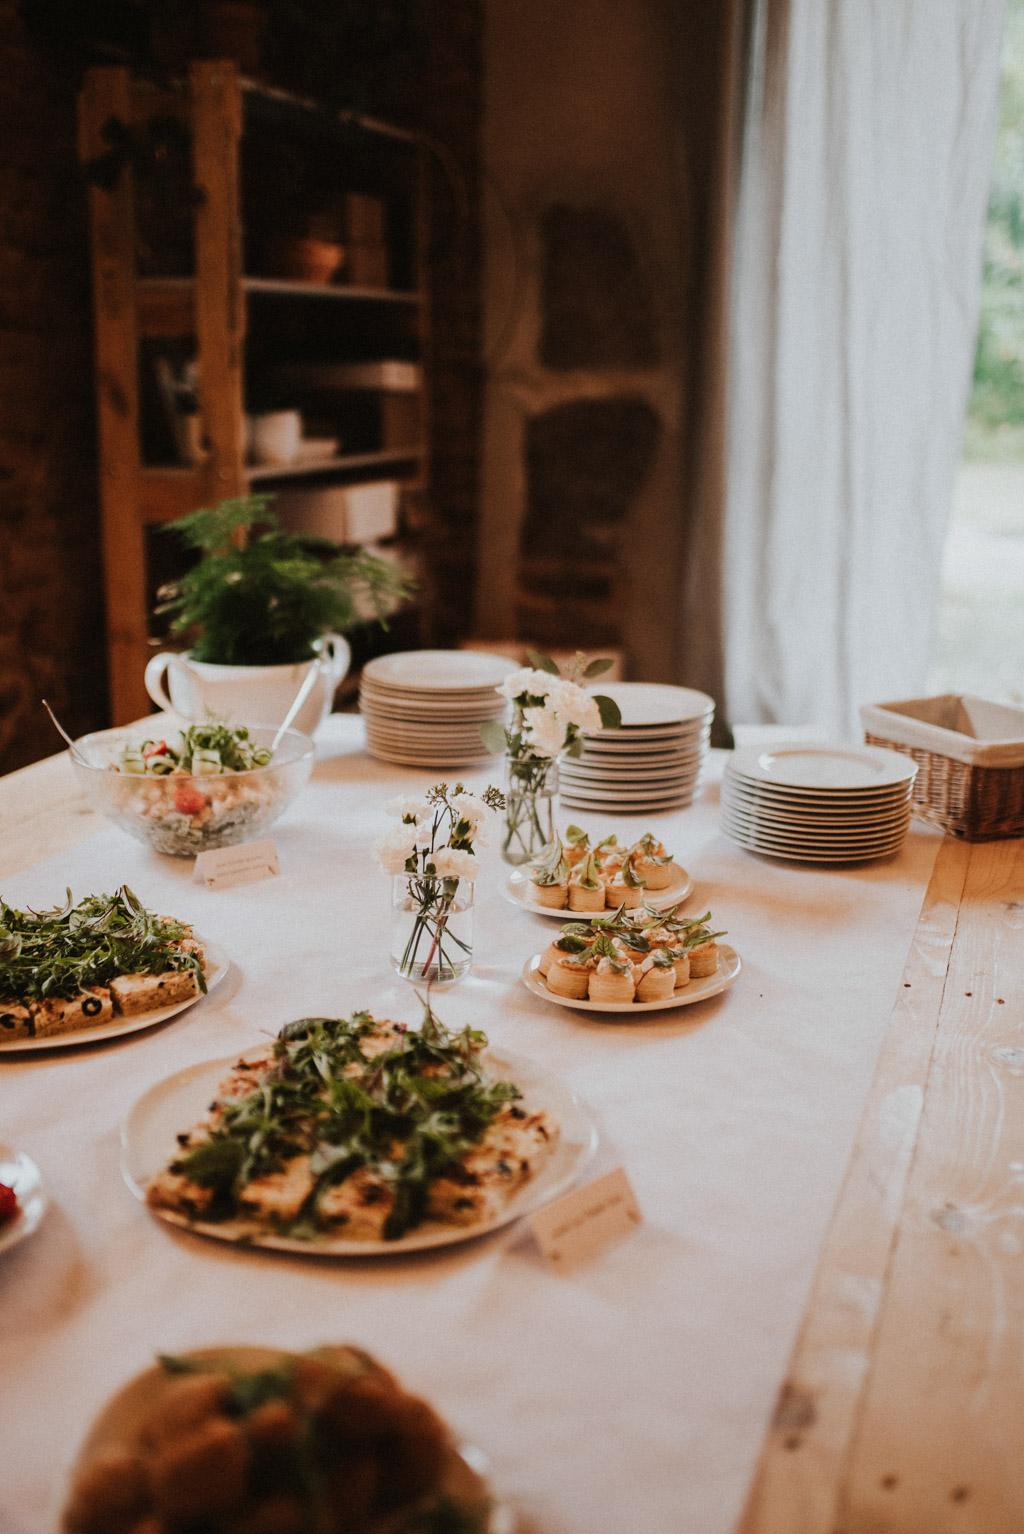 szwedzki stół w kotulińskiego 6 koreczki